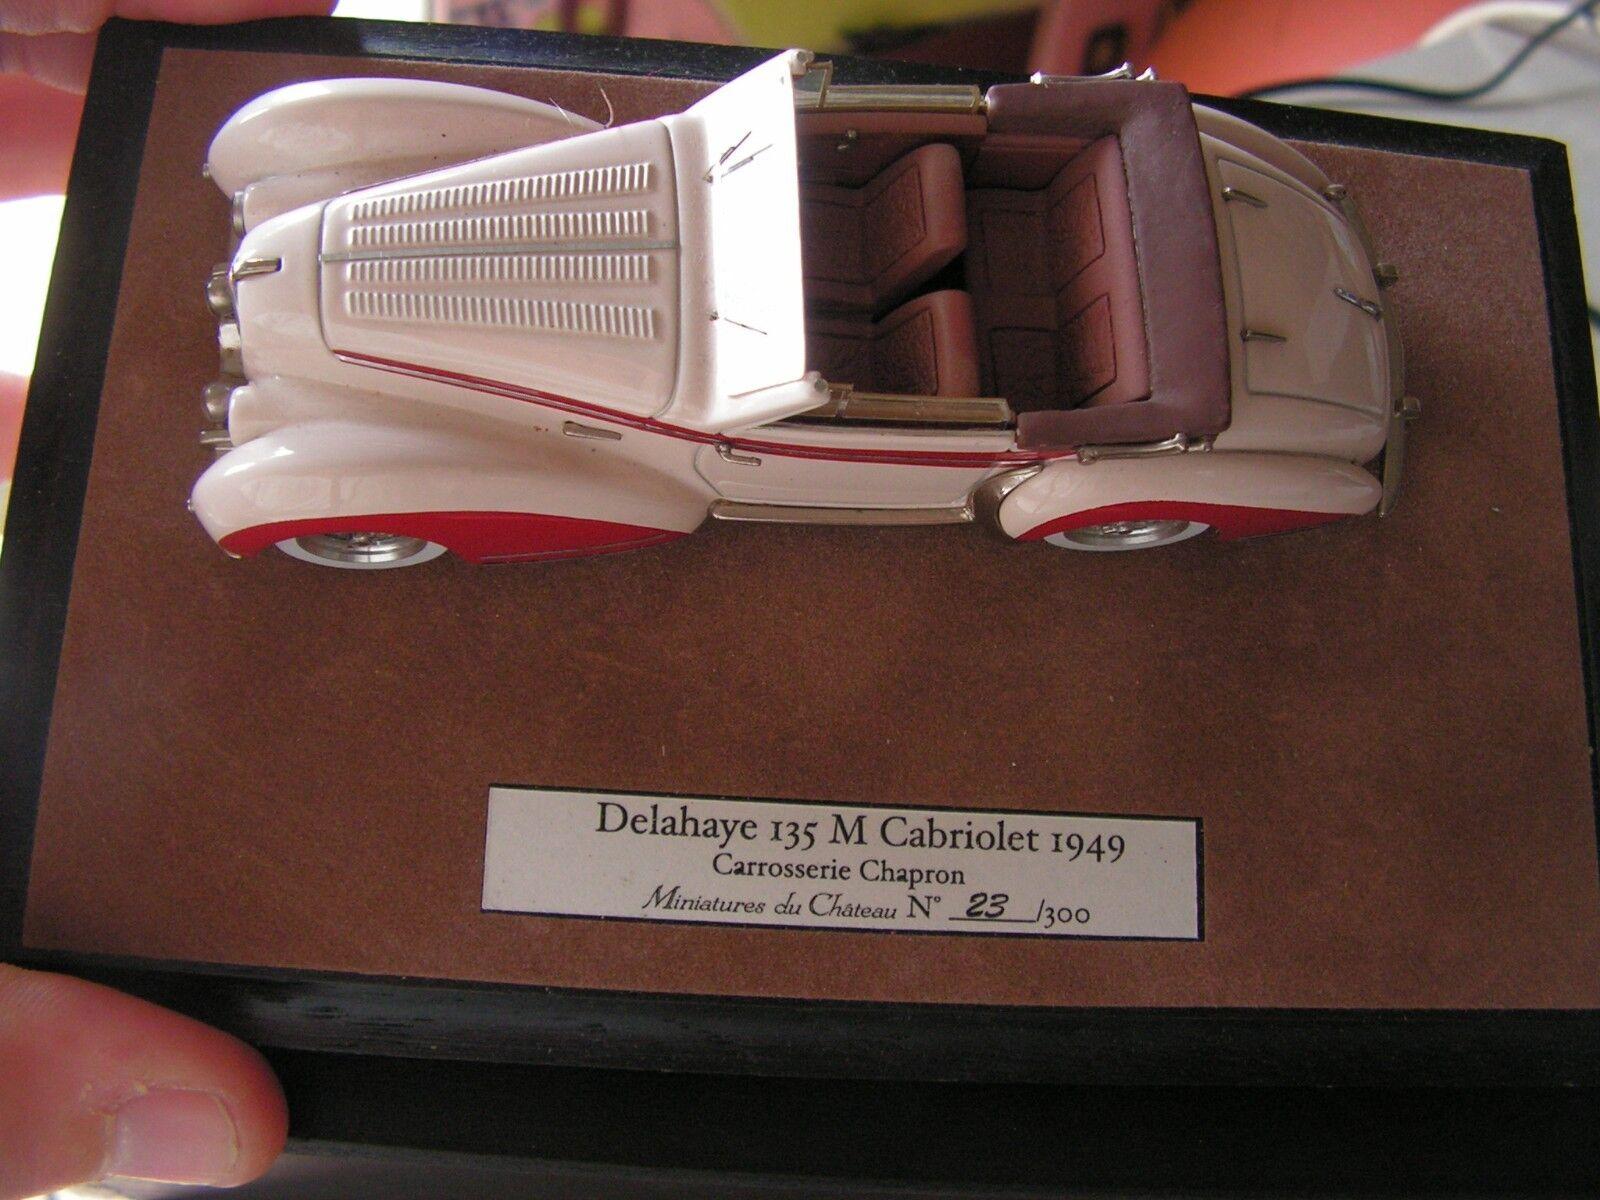 ventas en linea MINIATURES du CHATEAU- CHATEAU- CHATEAU- delahaye 135M cabriolet 1949 numerojoe en boite  1 43  (f)  calidad auténtica